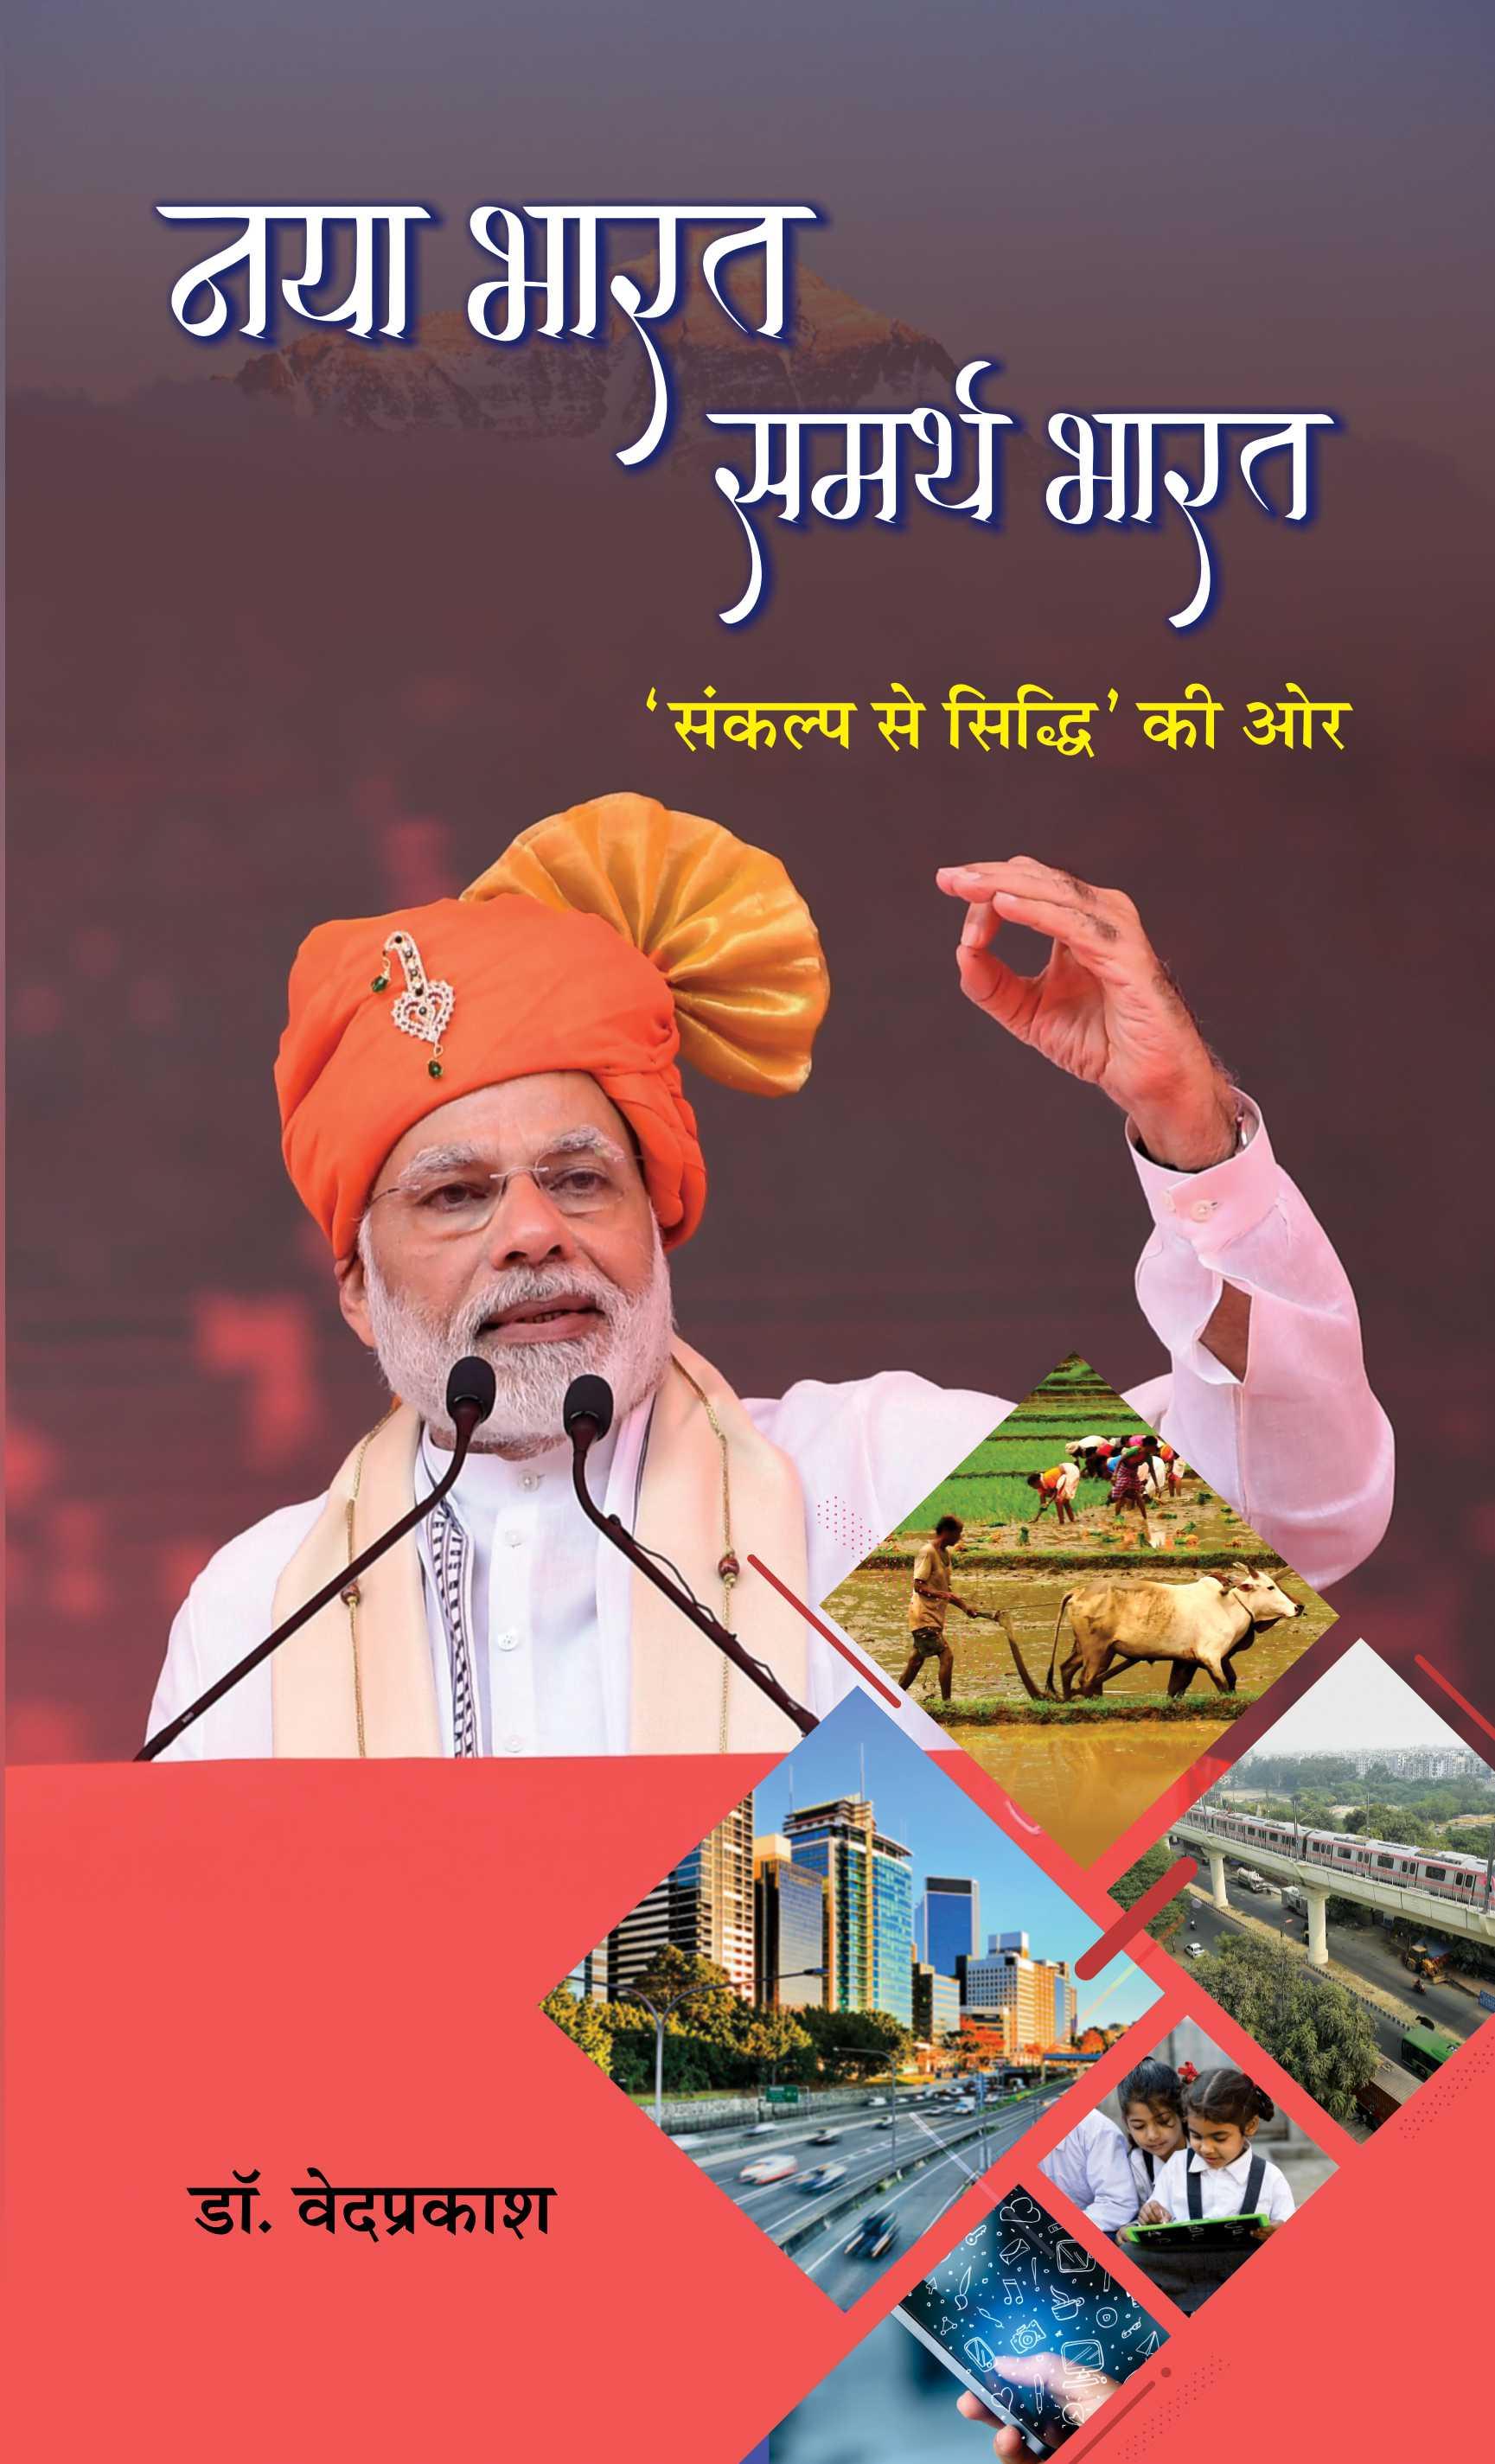 Naya Bharat, Samarth Bharat